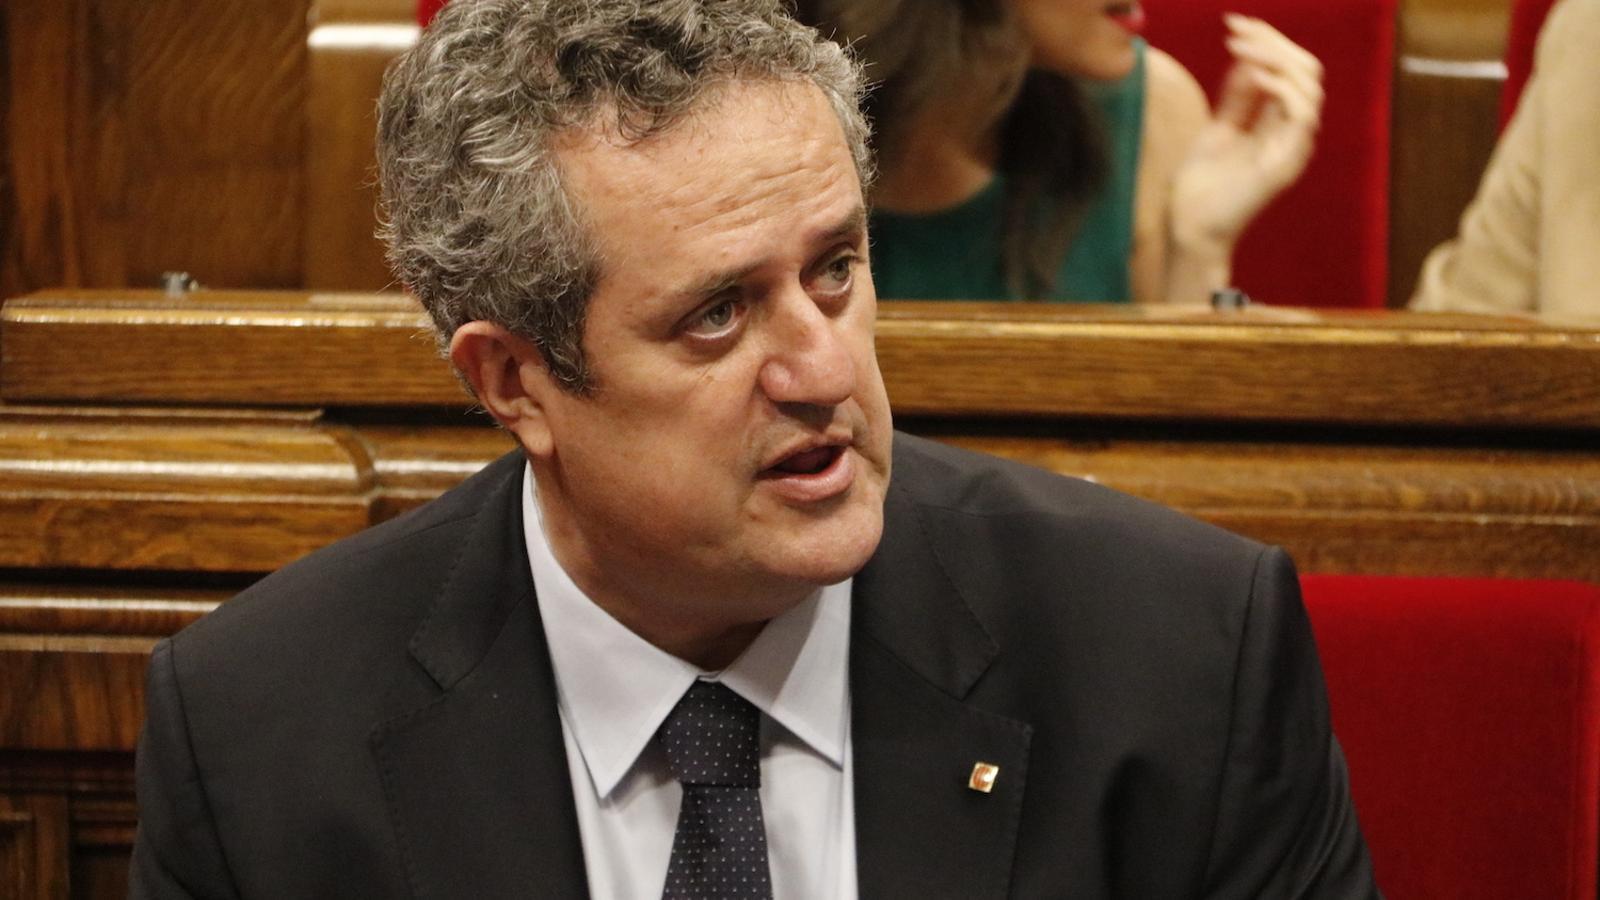 El nou conseller d'Interior, Joaquim Forn, avui al Parlament, on ha respost a preguntes dels grups en la sessió de control